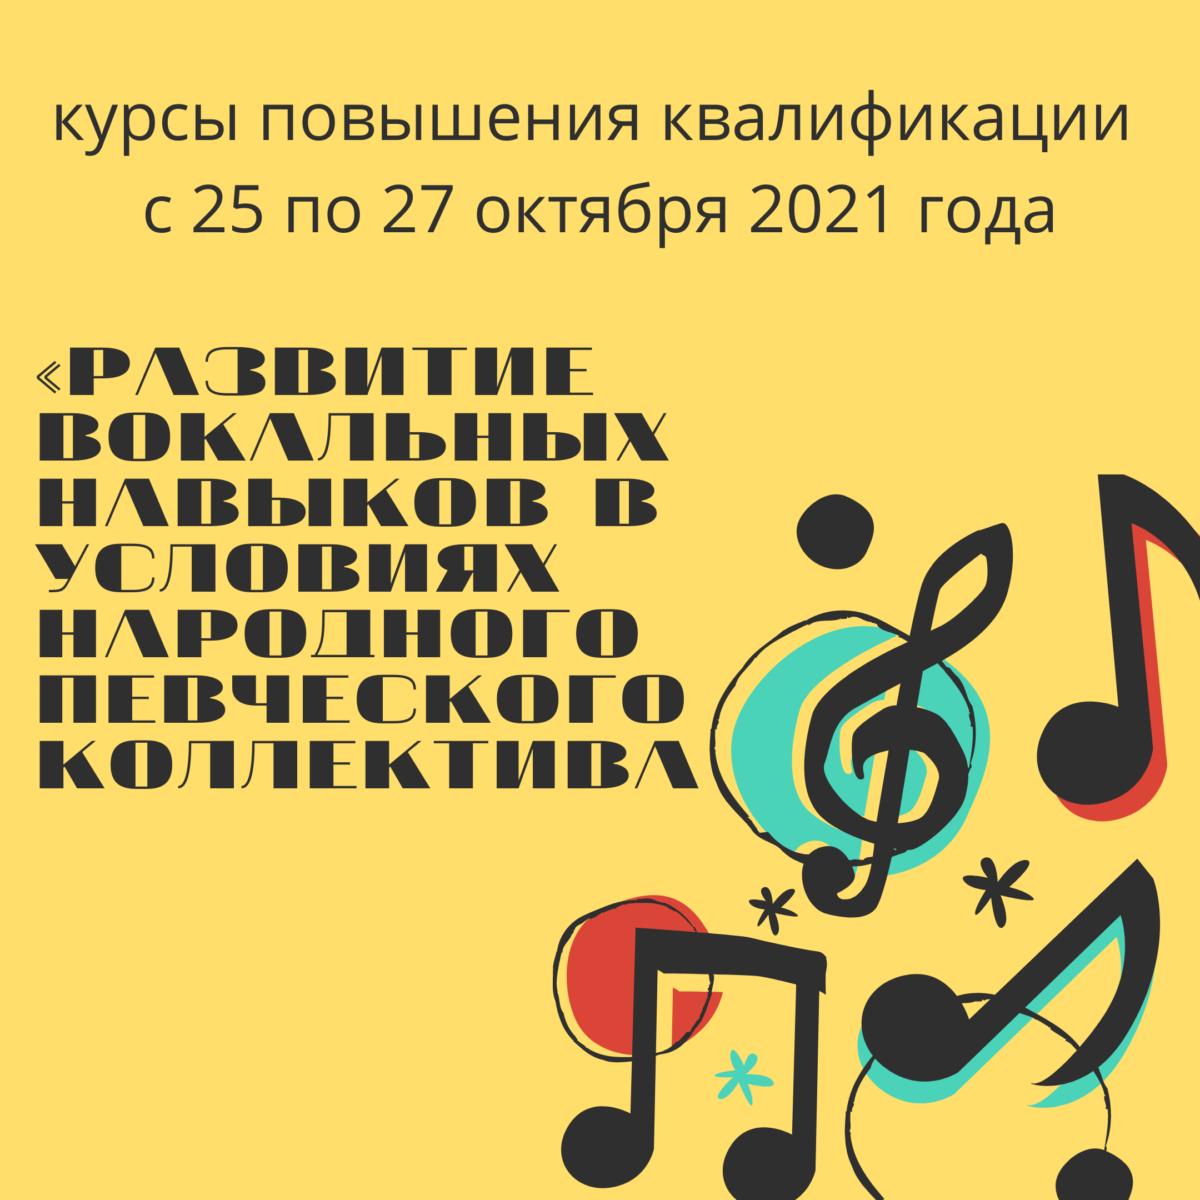 Центр дополнительного образования Иркутского областного колледжа культуры приглашает пройти курсы повышения квалификации по дополнительной профессиональной программе «Развитие вокальных навыков в условиях народного певческого коллектива»